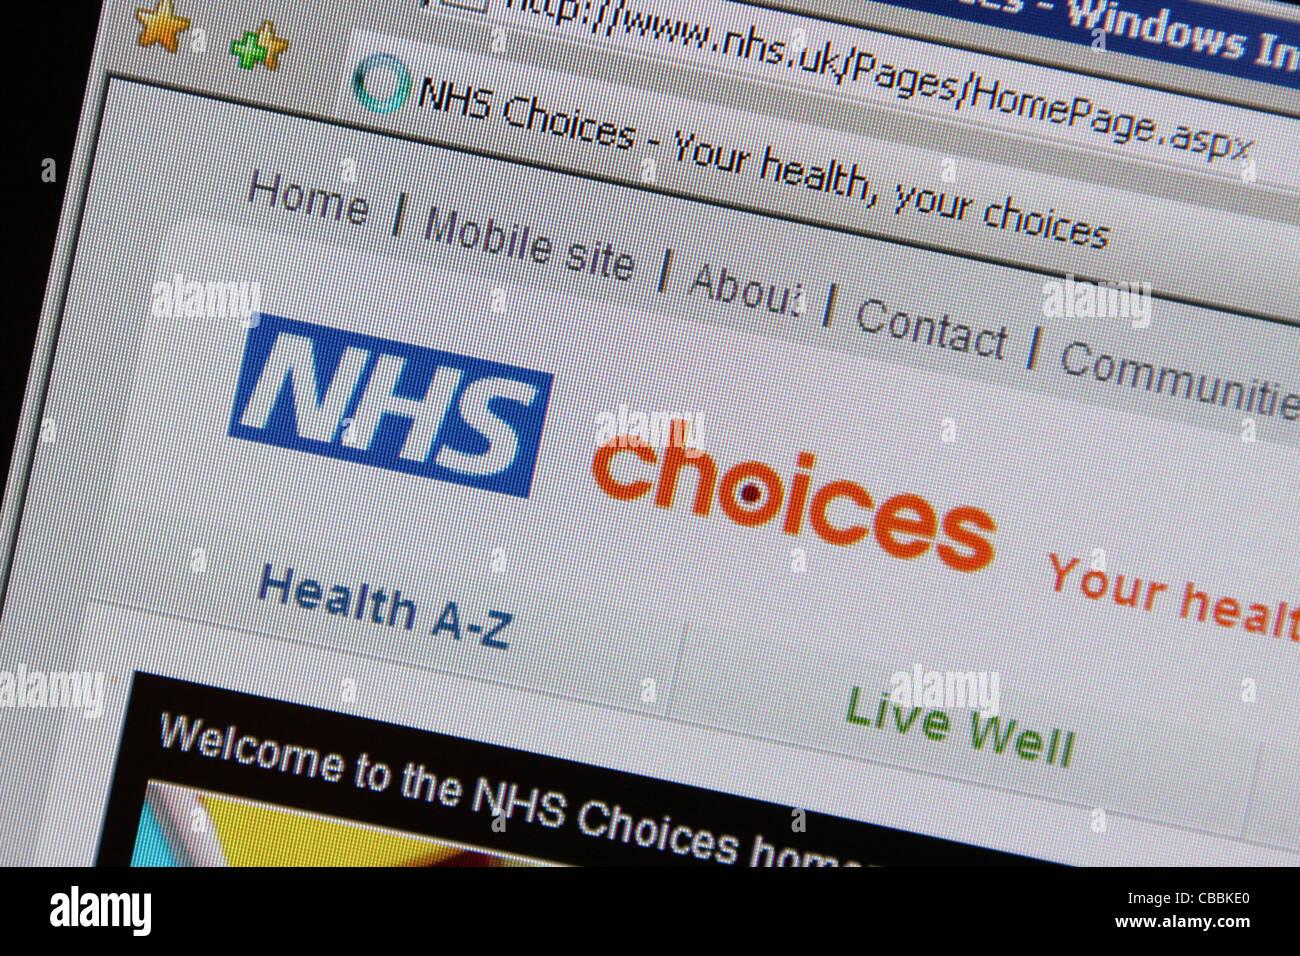 nhs national heath service website nhs.uk website - Stock Image